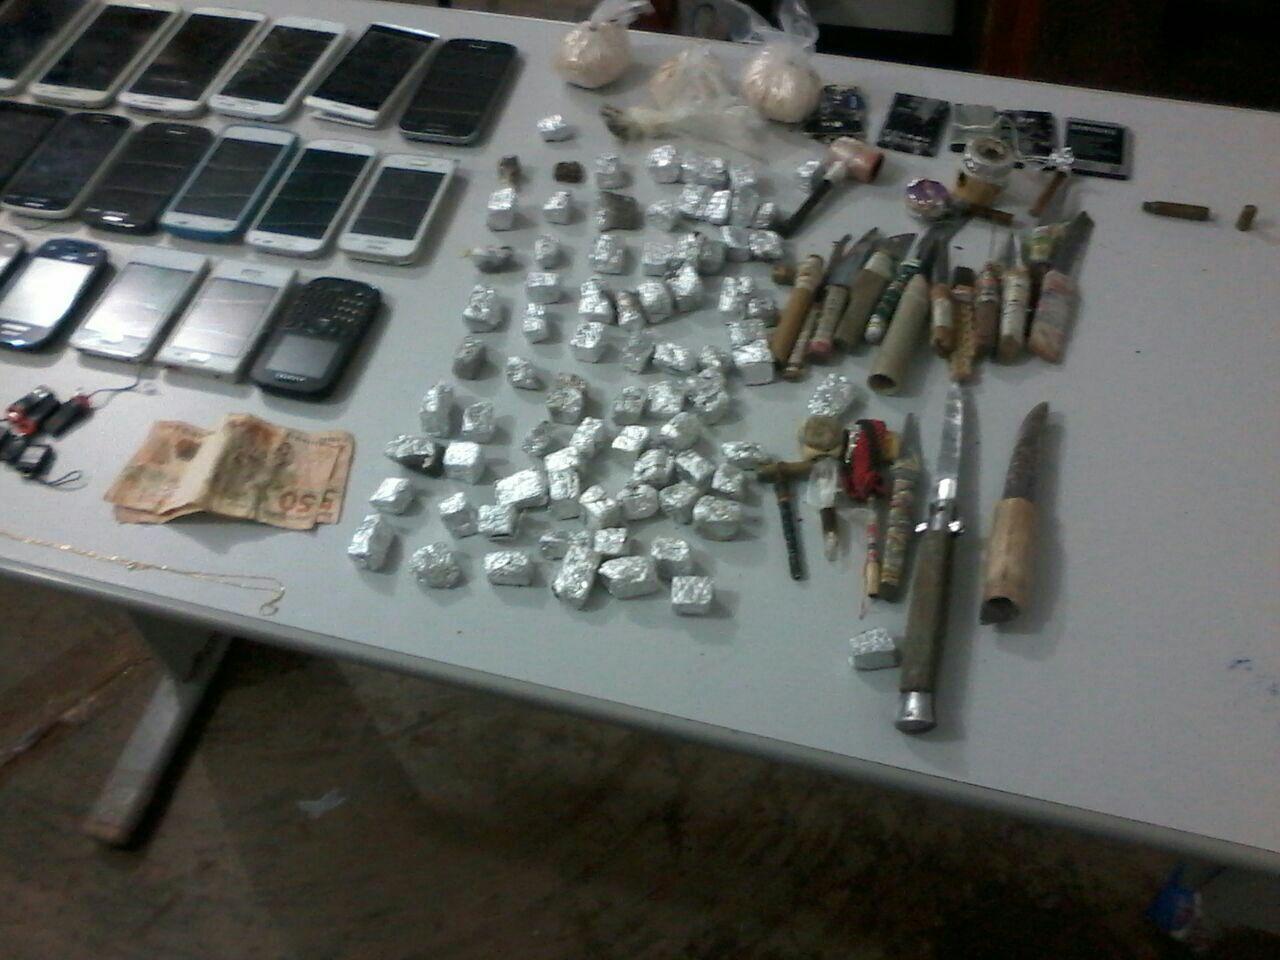 Bope encontra drogas e armas nas celas do Iapen